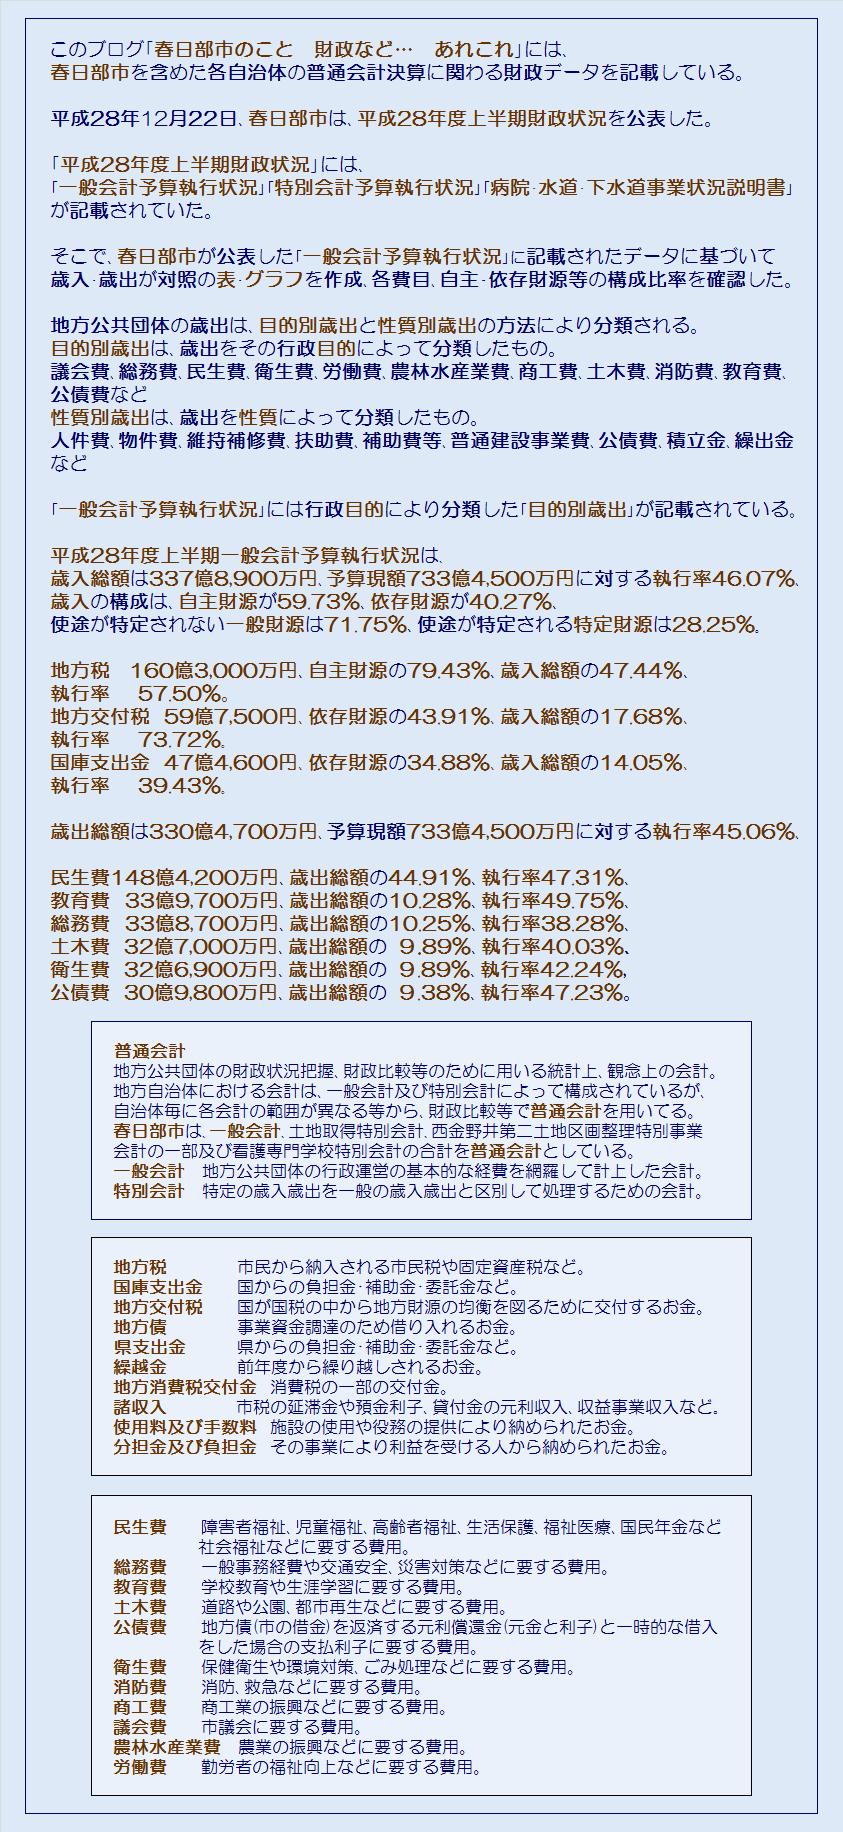 春日部市平成28年度上半期一般会計予算執行状況・コメント